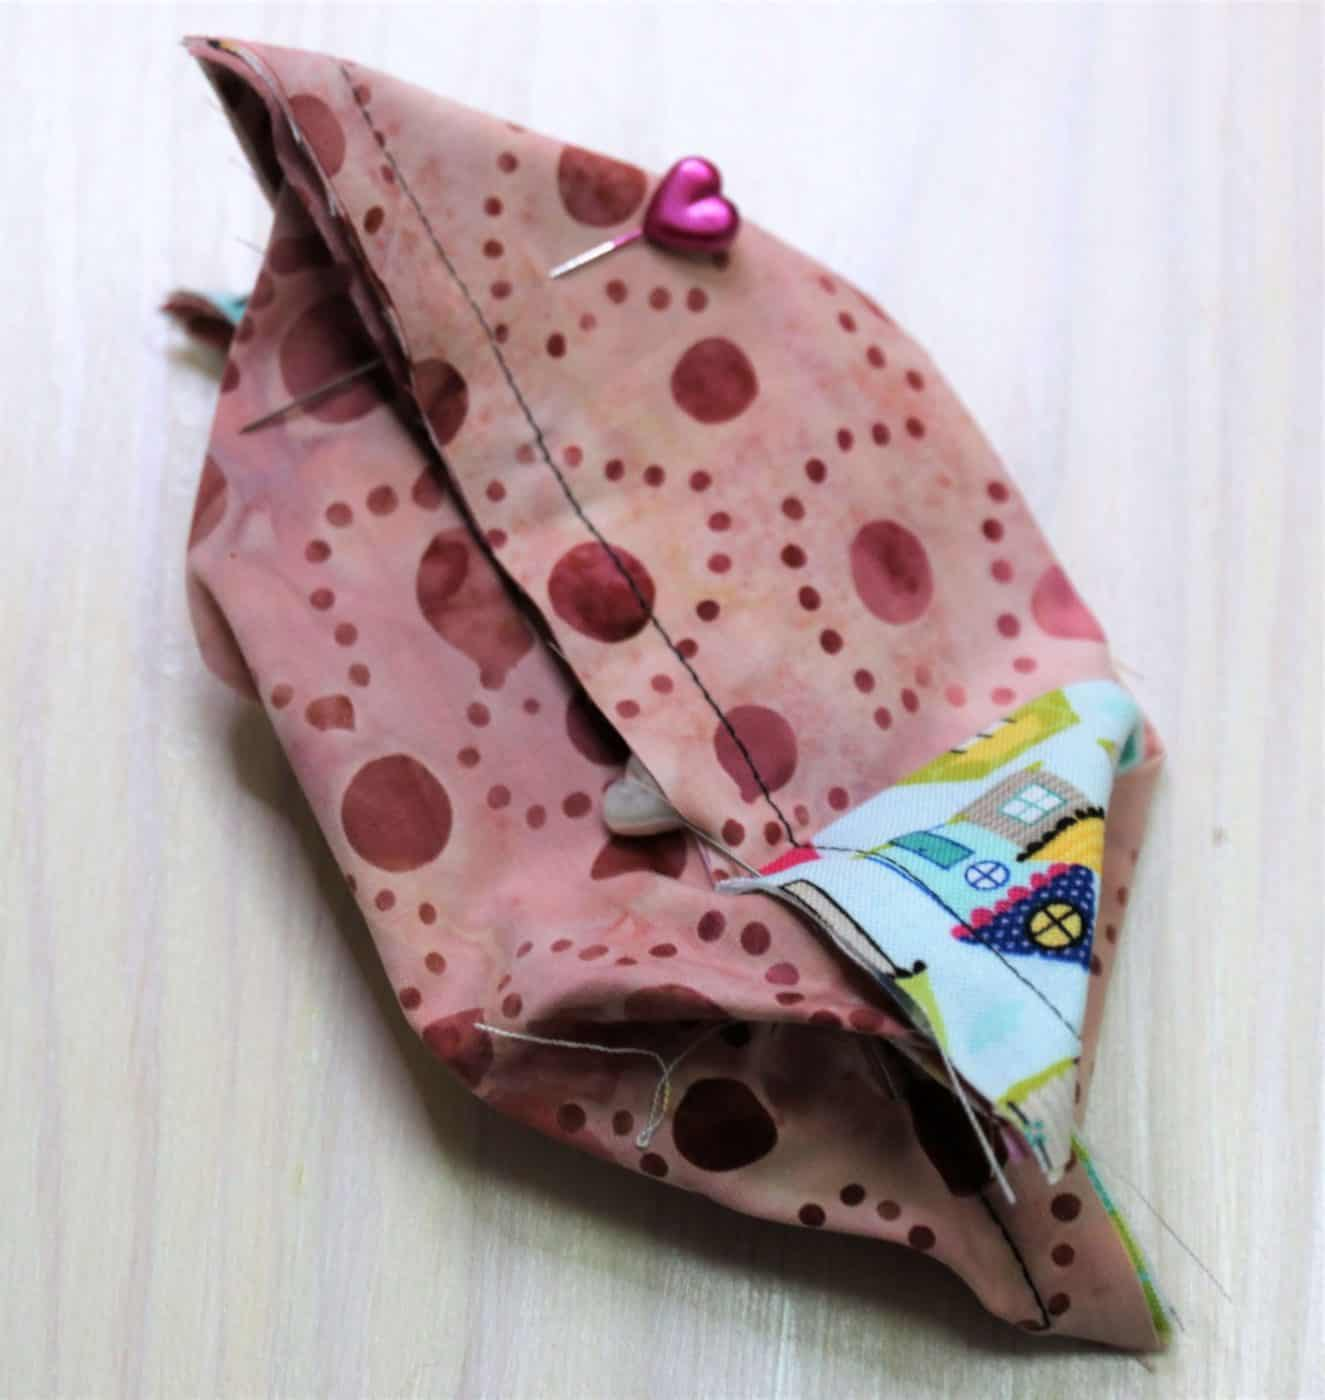 Taschentüchertasche aus Stoffresten nähen